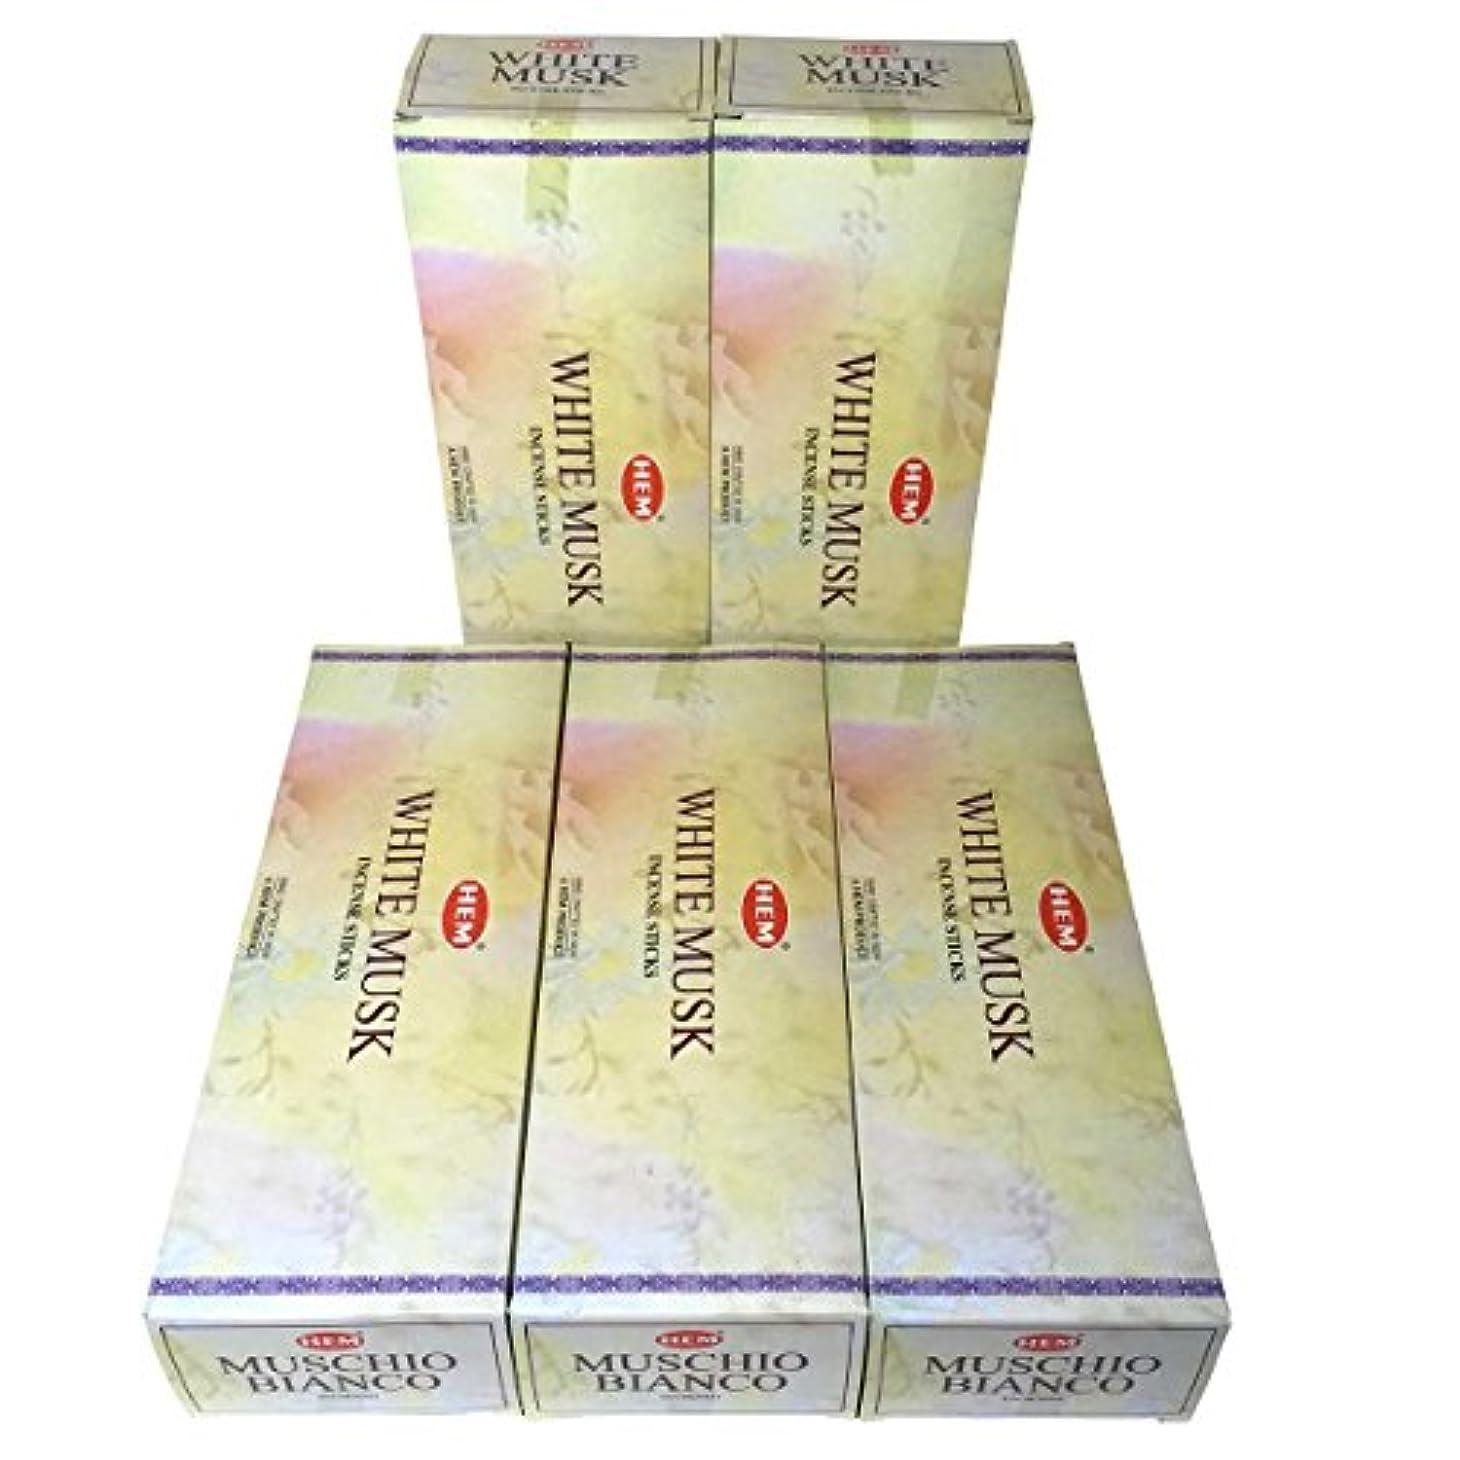 塩辛い拒絶ブロンズHEM ホワイトムスク香 スティック 5BOX(30箱)/HEM WHITE MUSK/ インド香 / 送料無料 [並行輸入品]